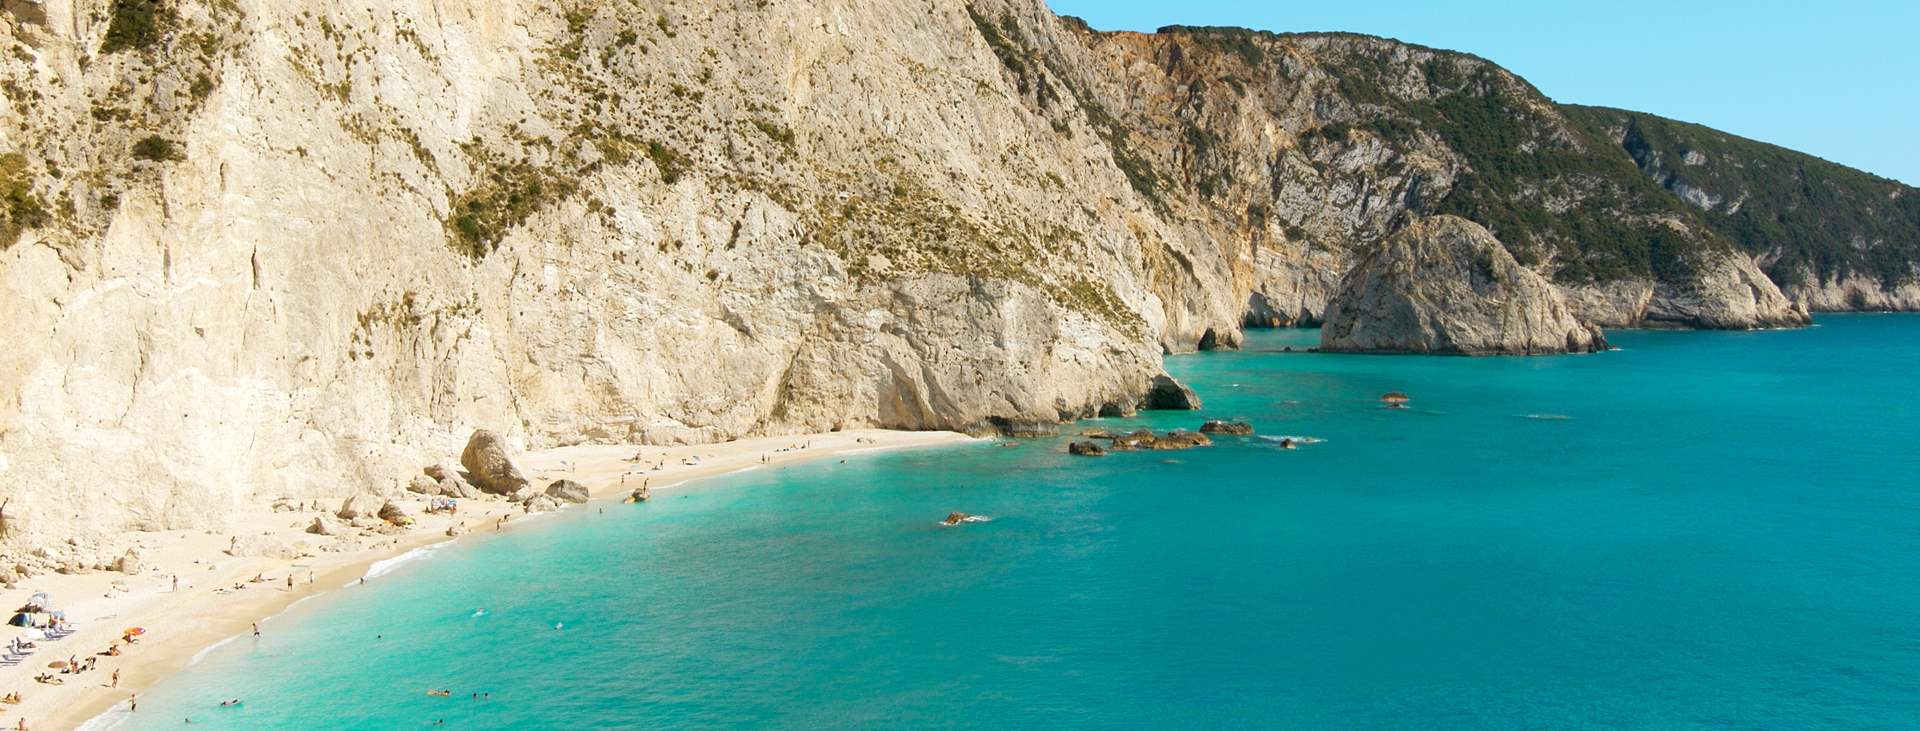 Bestill en reise til den greske øya Lefkas med Ving